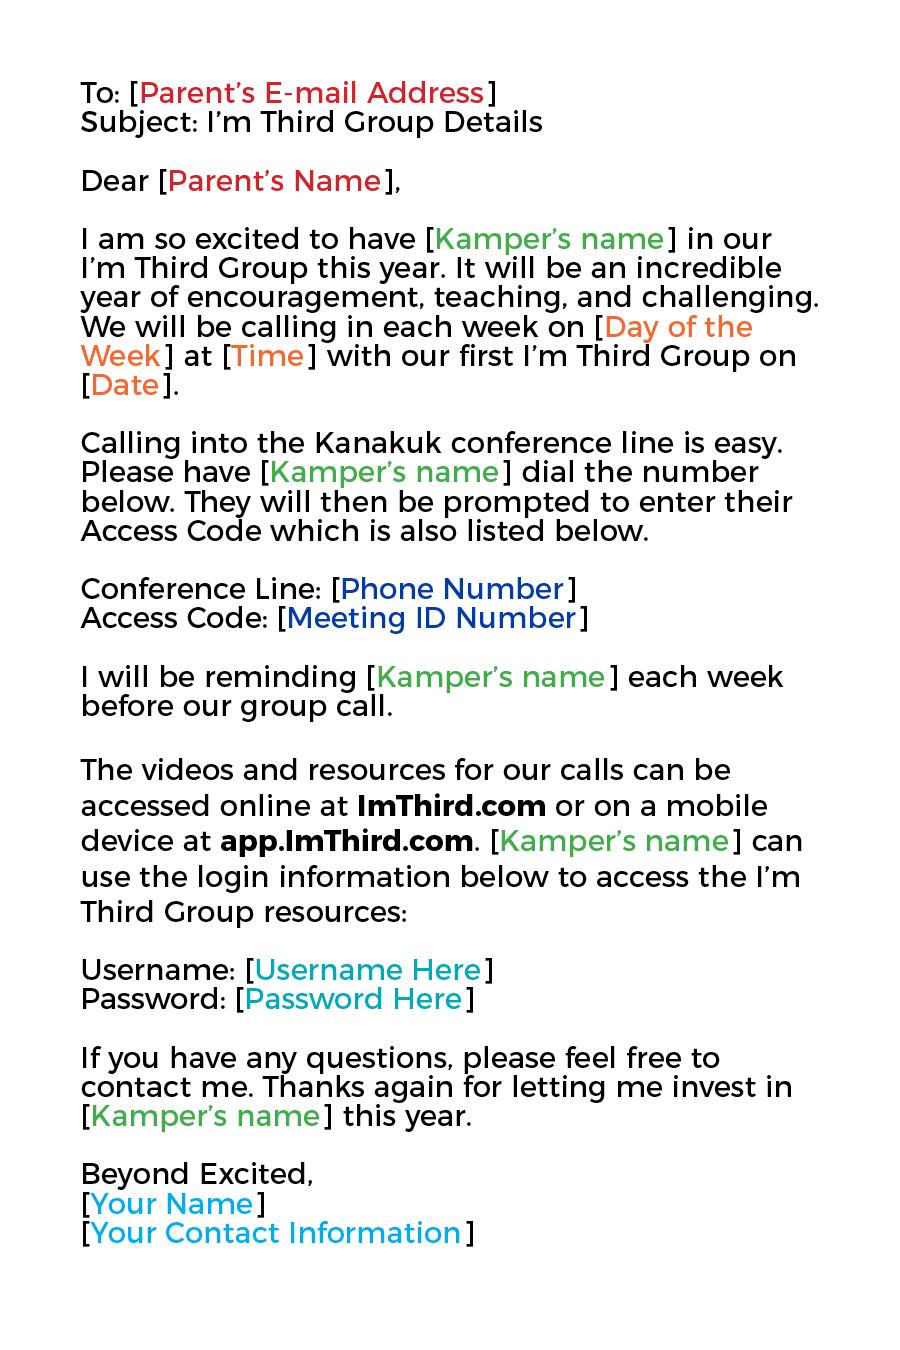 STARTING YOUR I'M THIRD GROUP – I'M THIRD